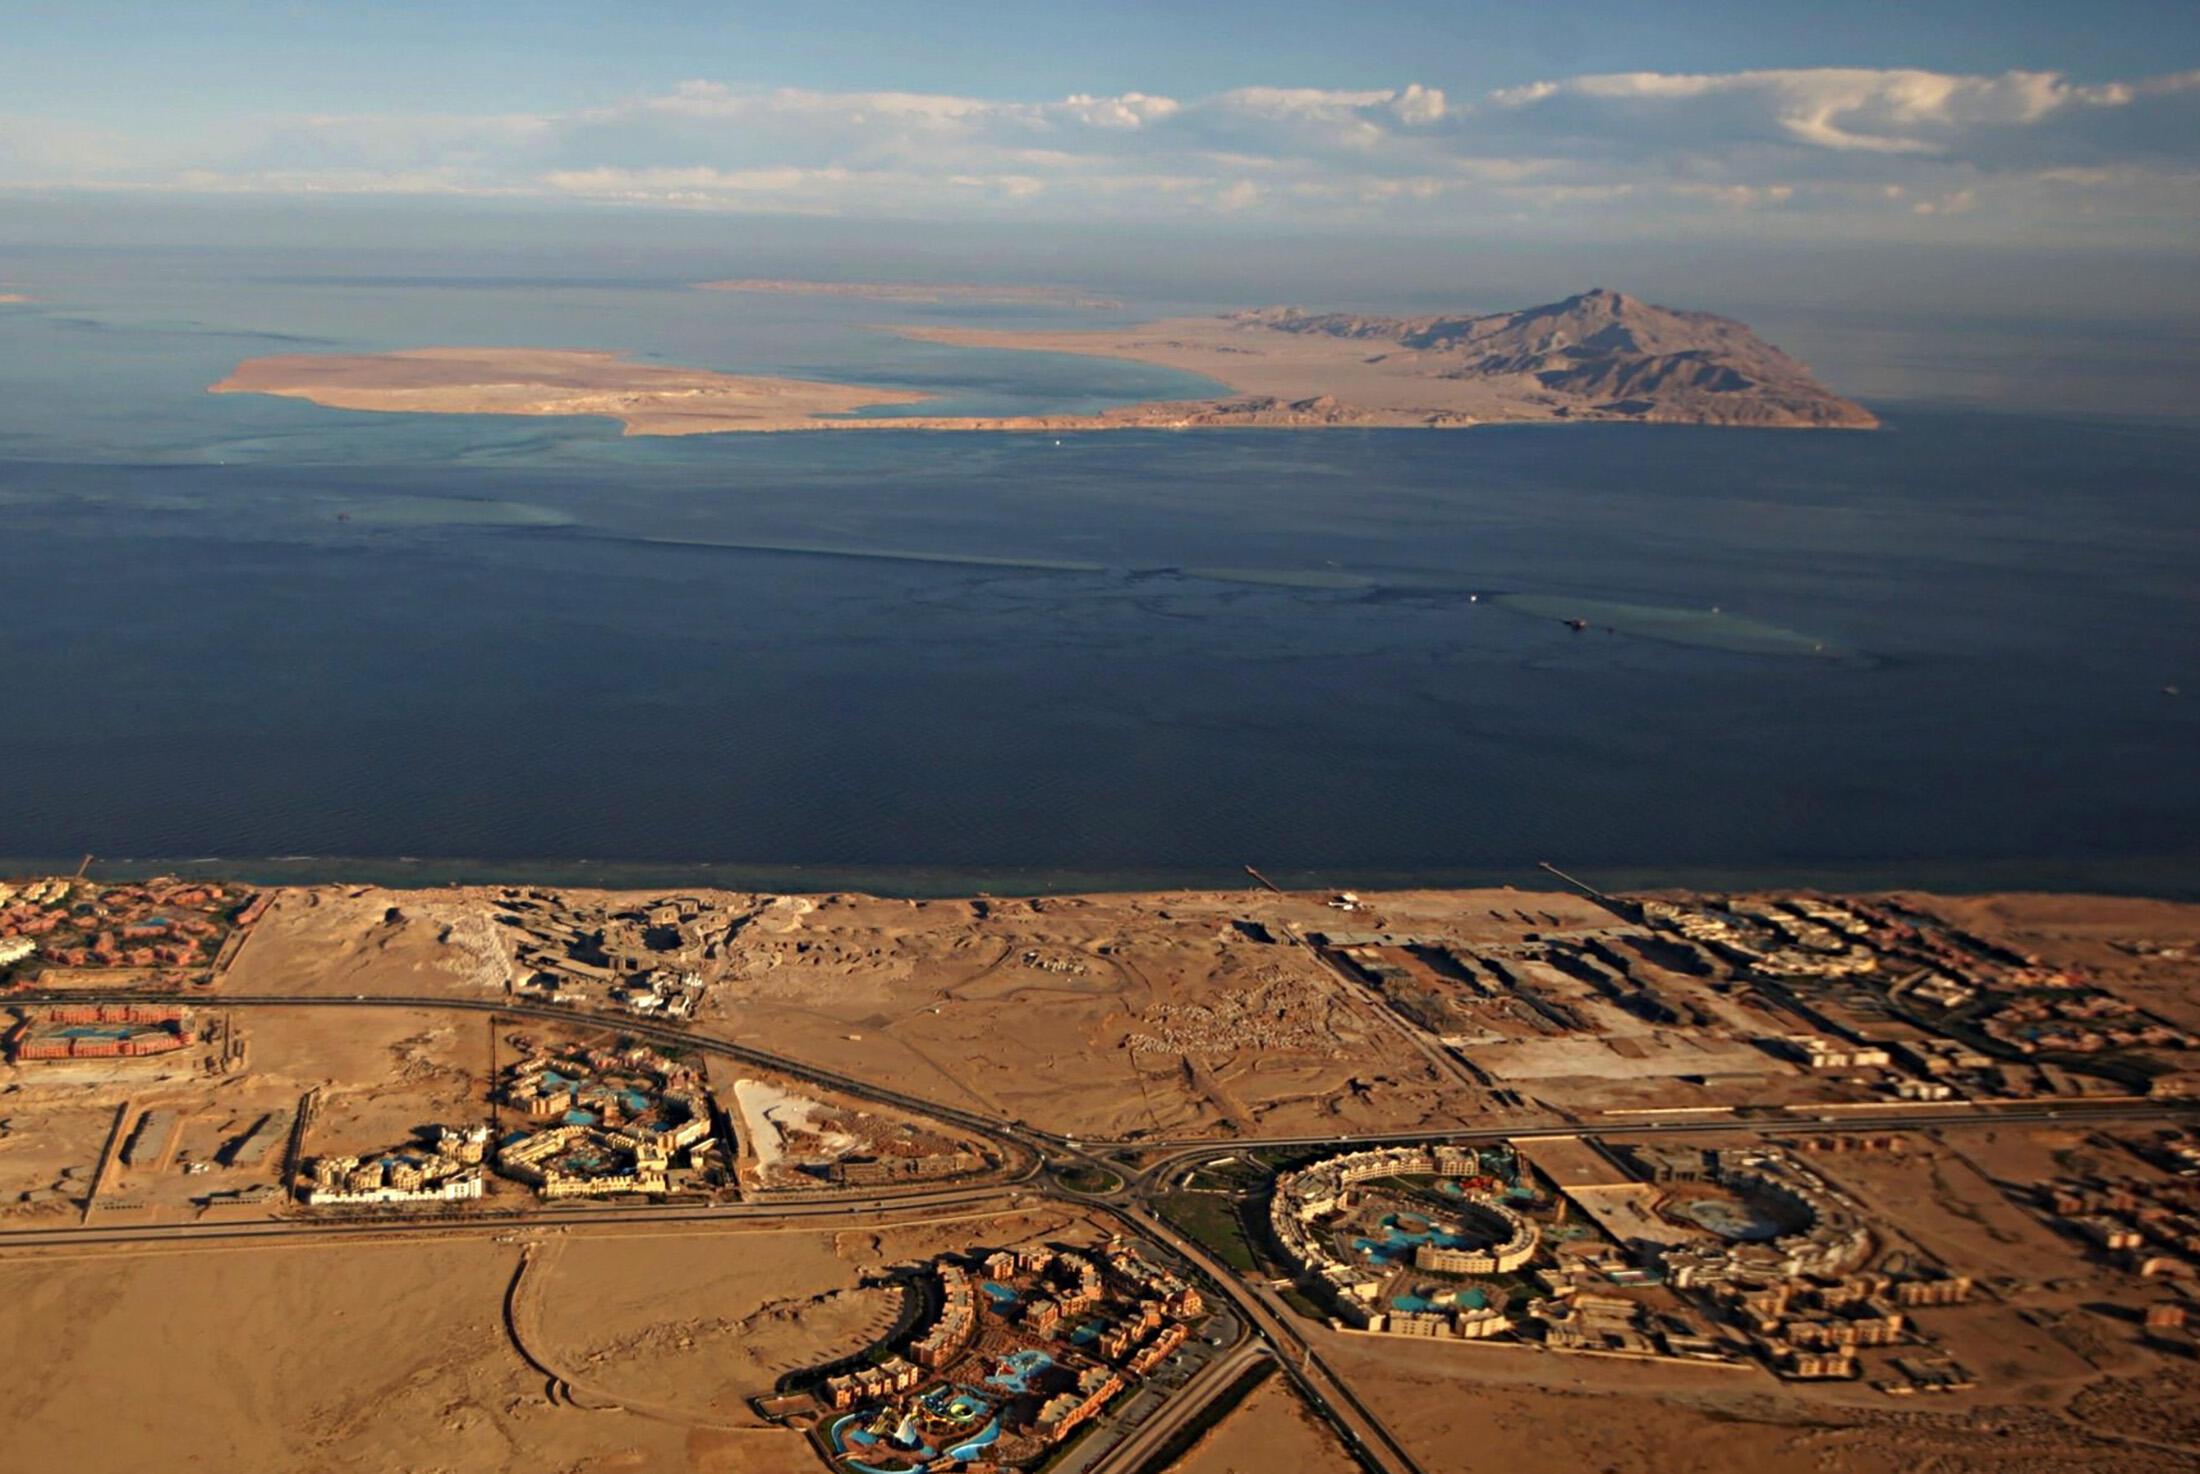 Hai đảo Tiran (gần) và Sanafir. Ảnh chụp ngày 14/01/2014.